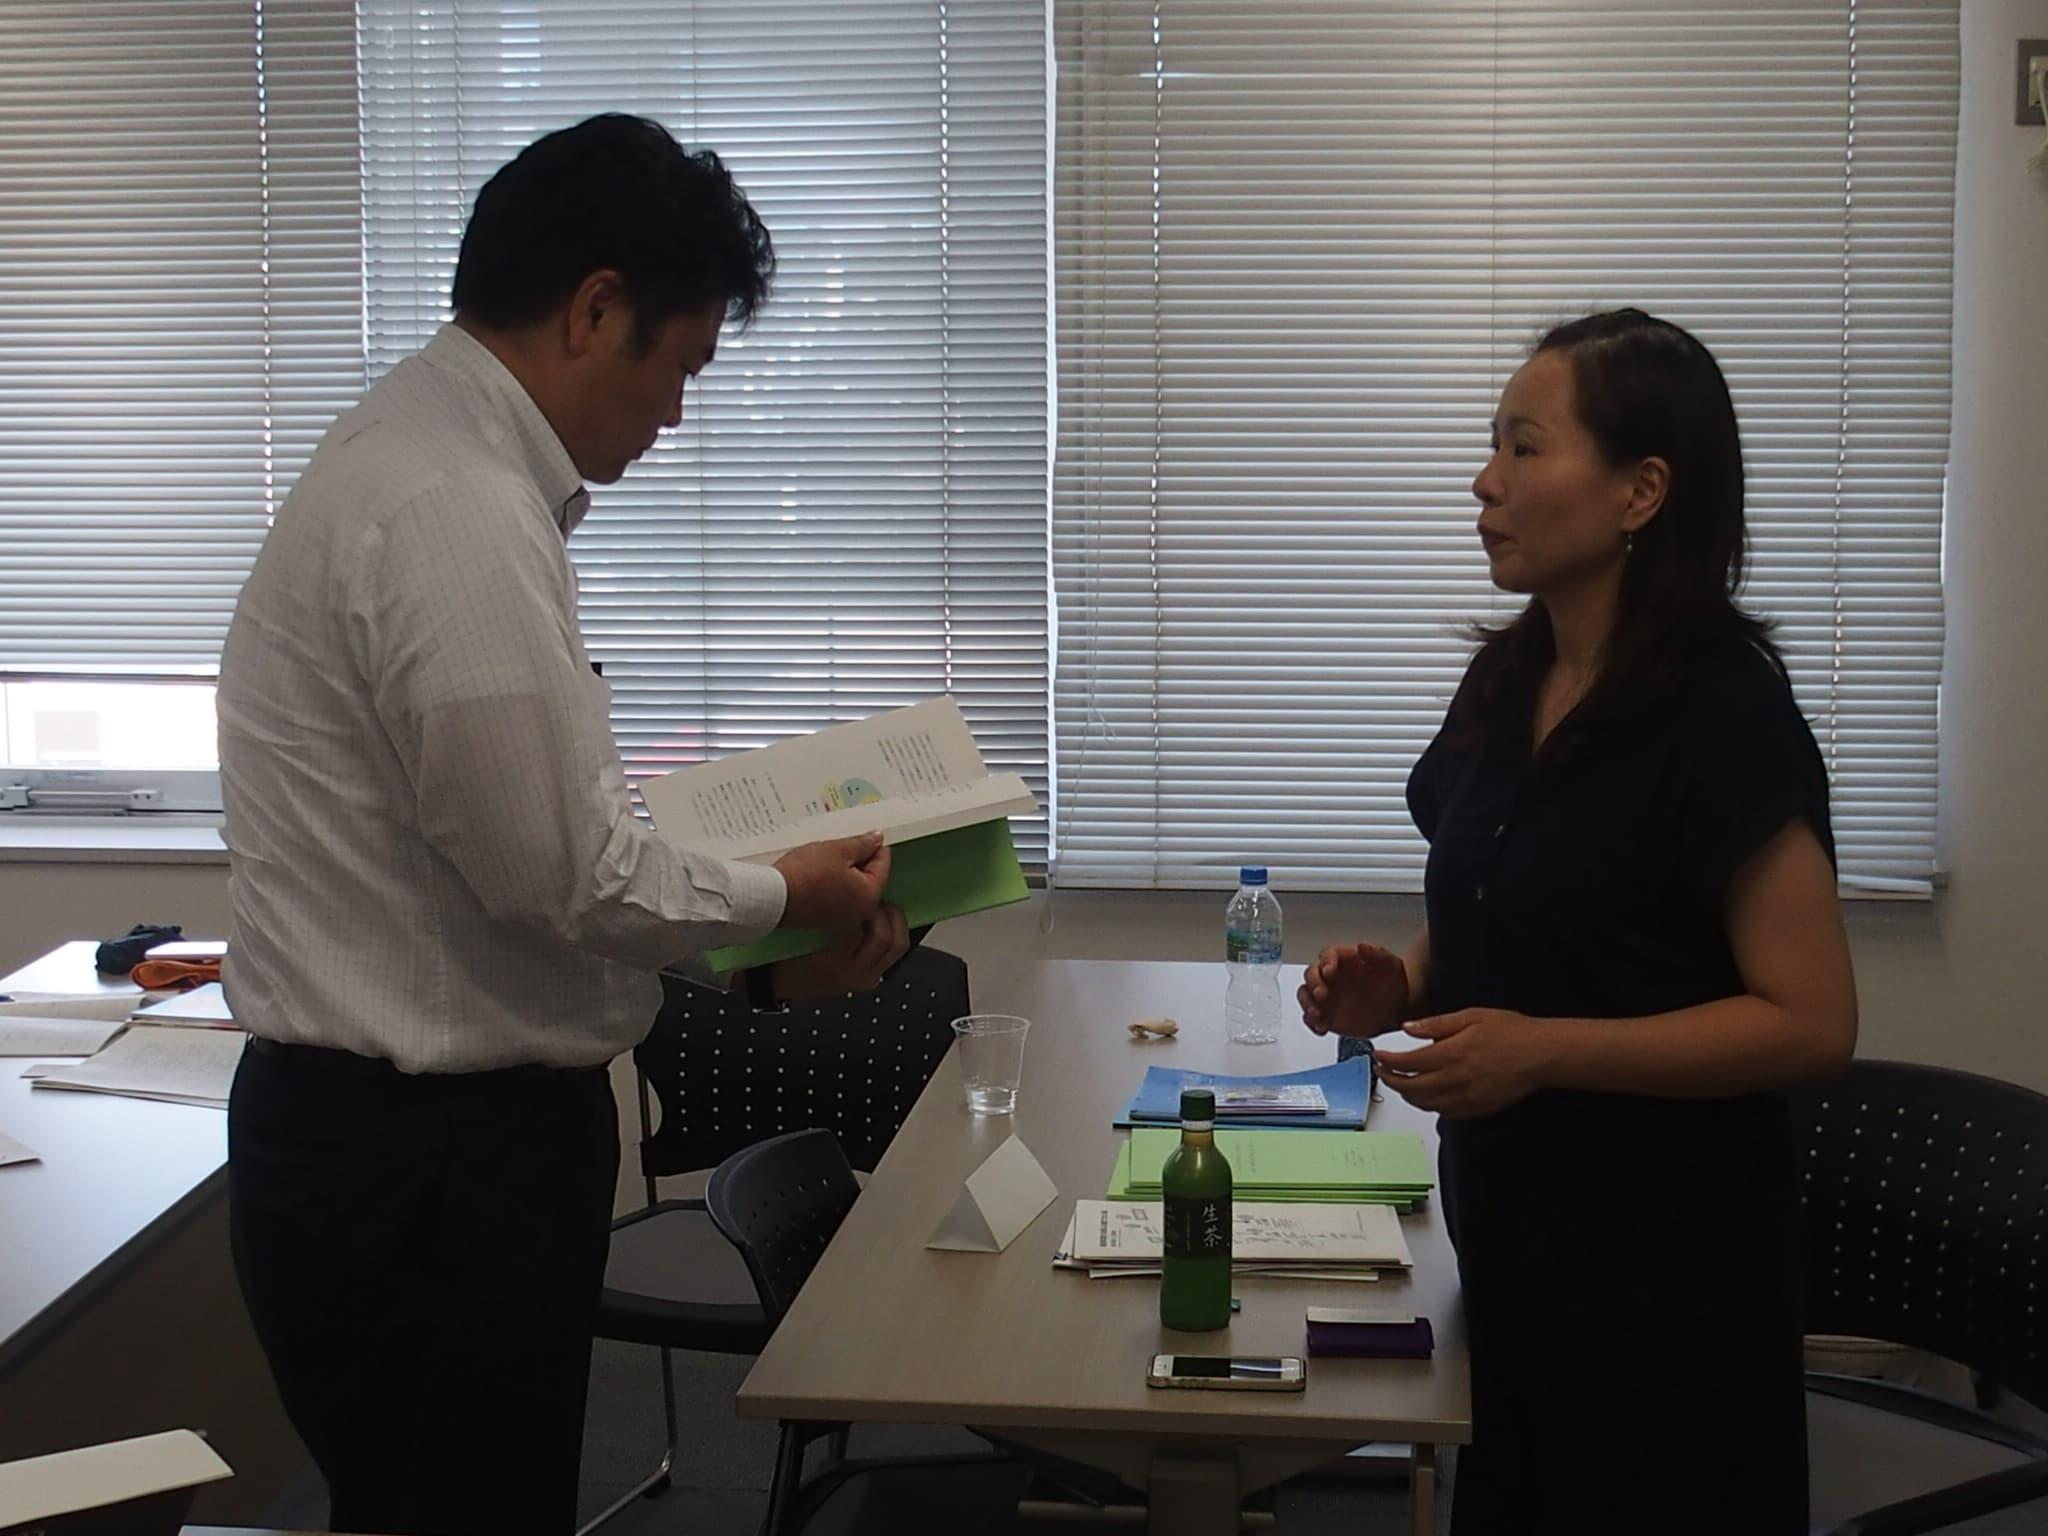 東日本大震災の避難者支援に取り組む「一般社団法人ほっと岡山」が主催する、被災者支援団体向けの研修会に参加しました。